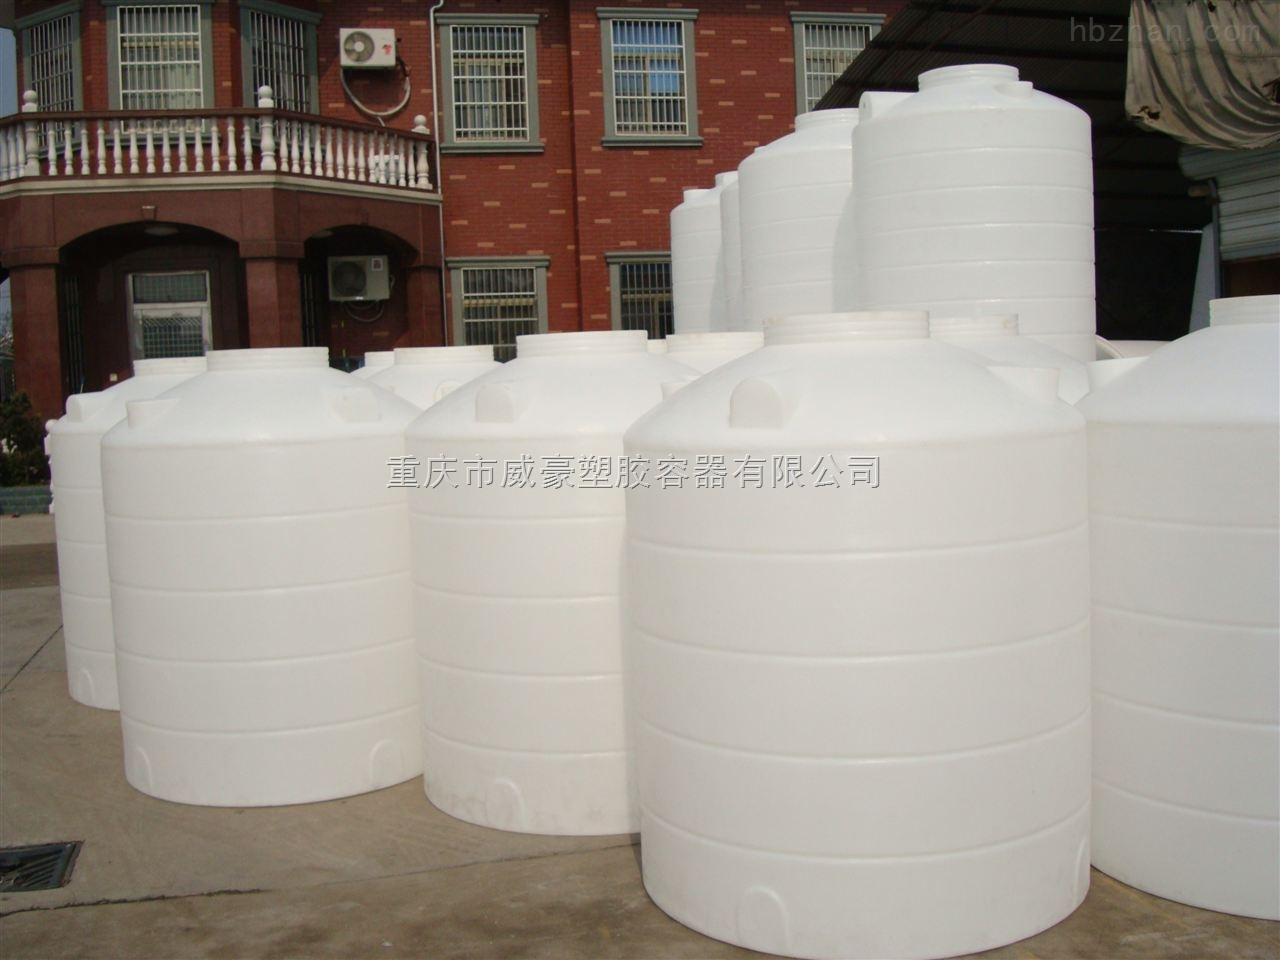 贵州1500公斤白色塑料桶